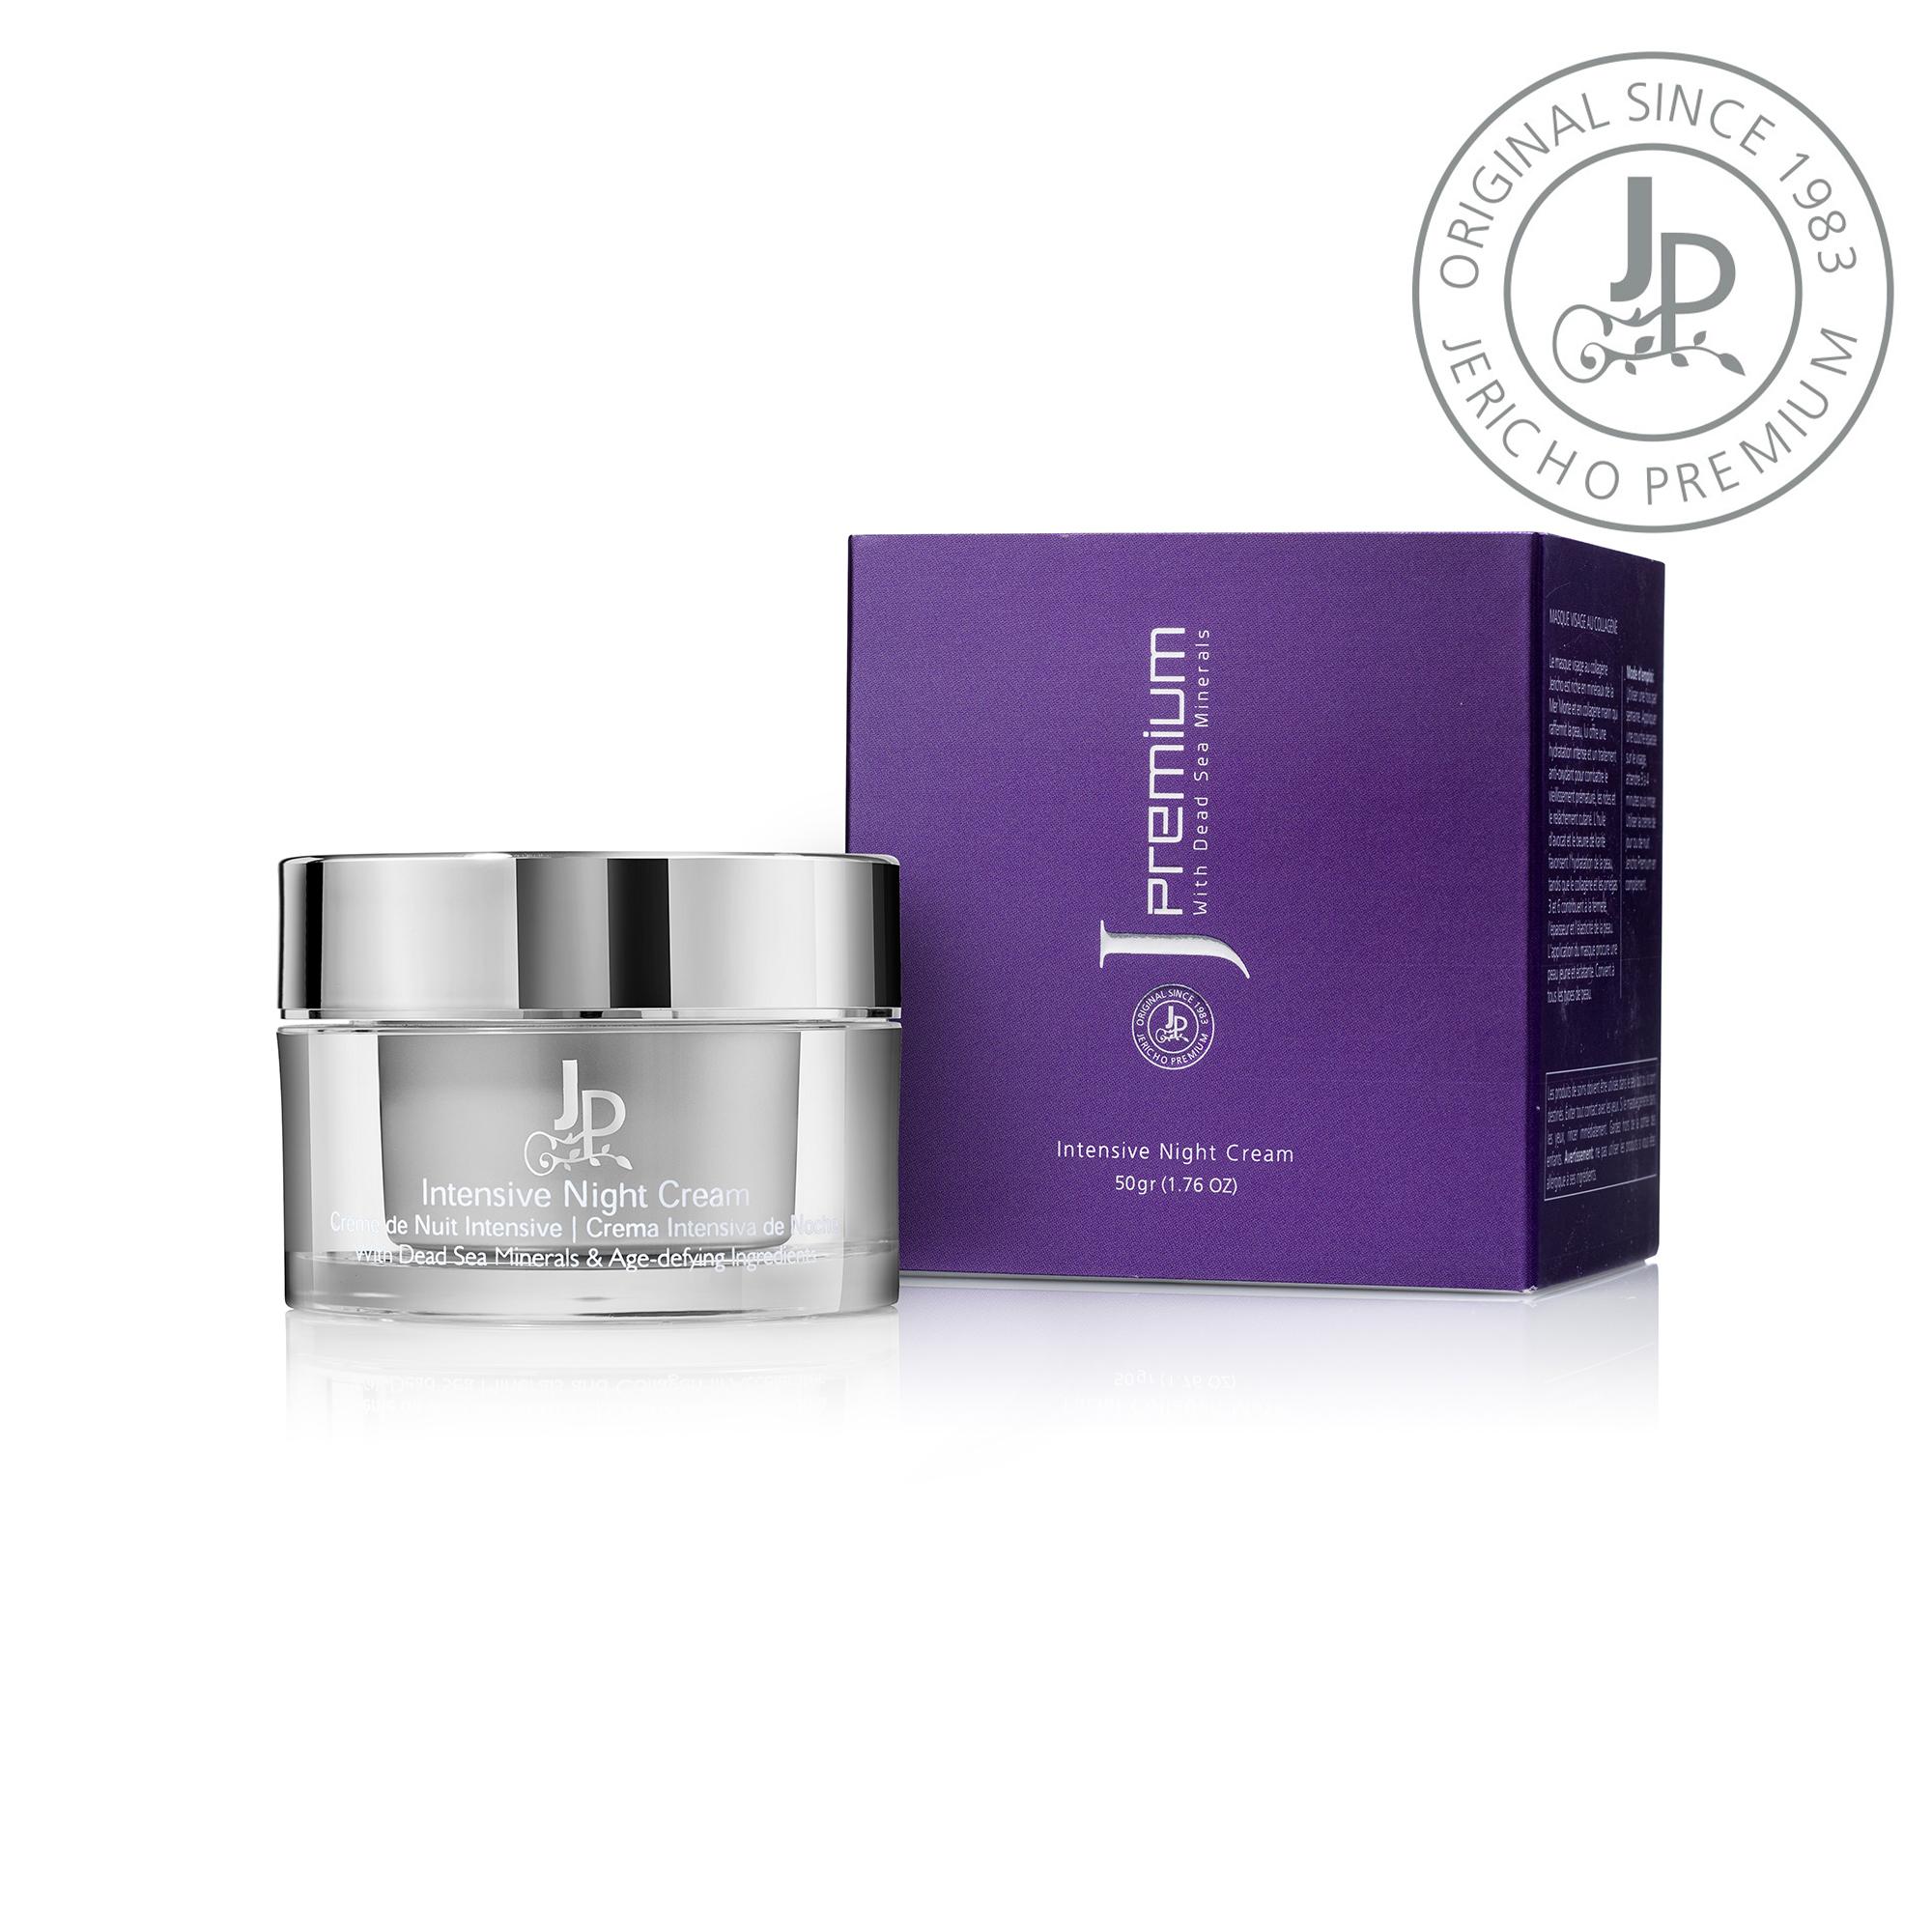 Kem Dưỡng Đêm Cao Cấp Jericho Premium Intensive Night Cream (50gr) - Dưỡng Ẩm Da Từ Khoáng Chất Biển Chết